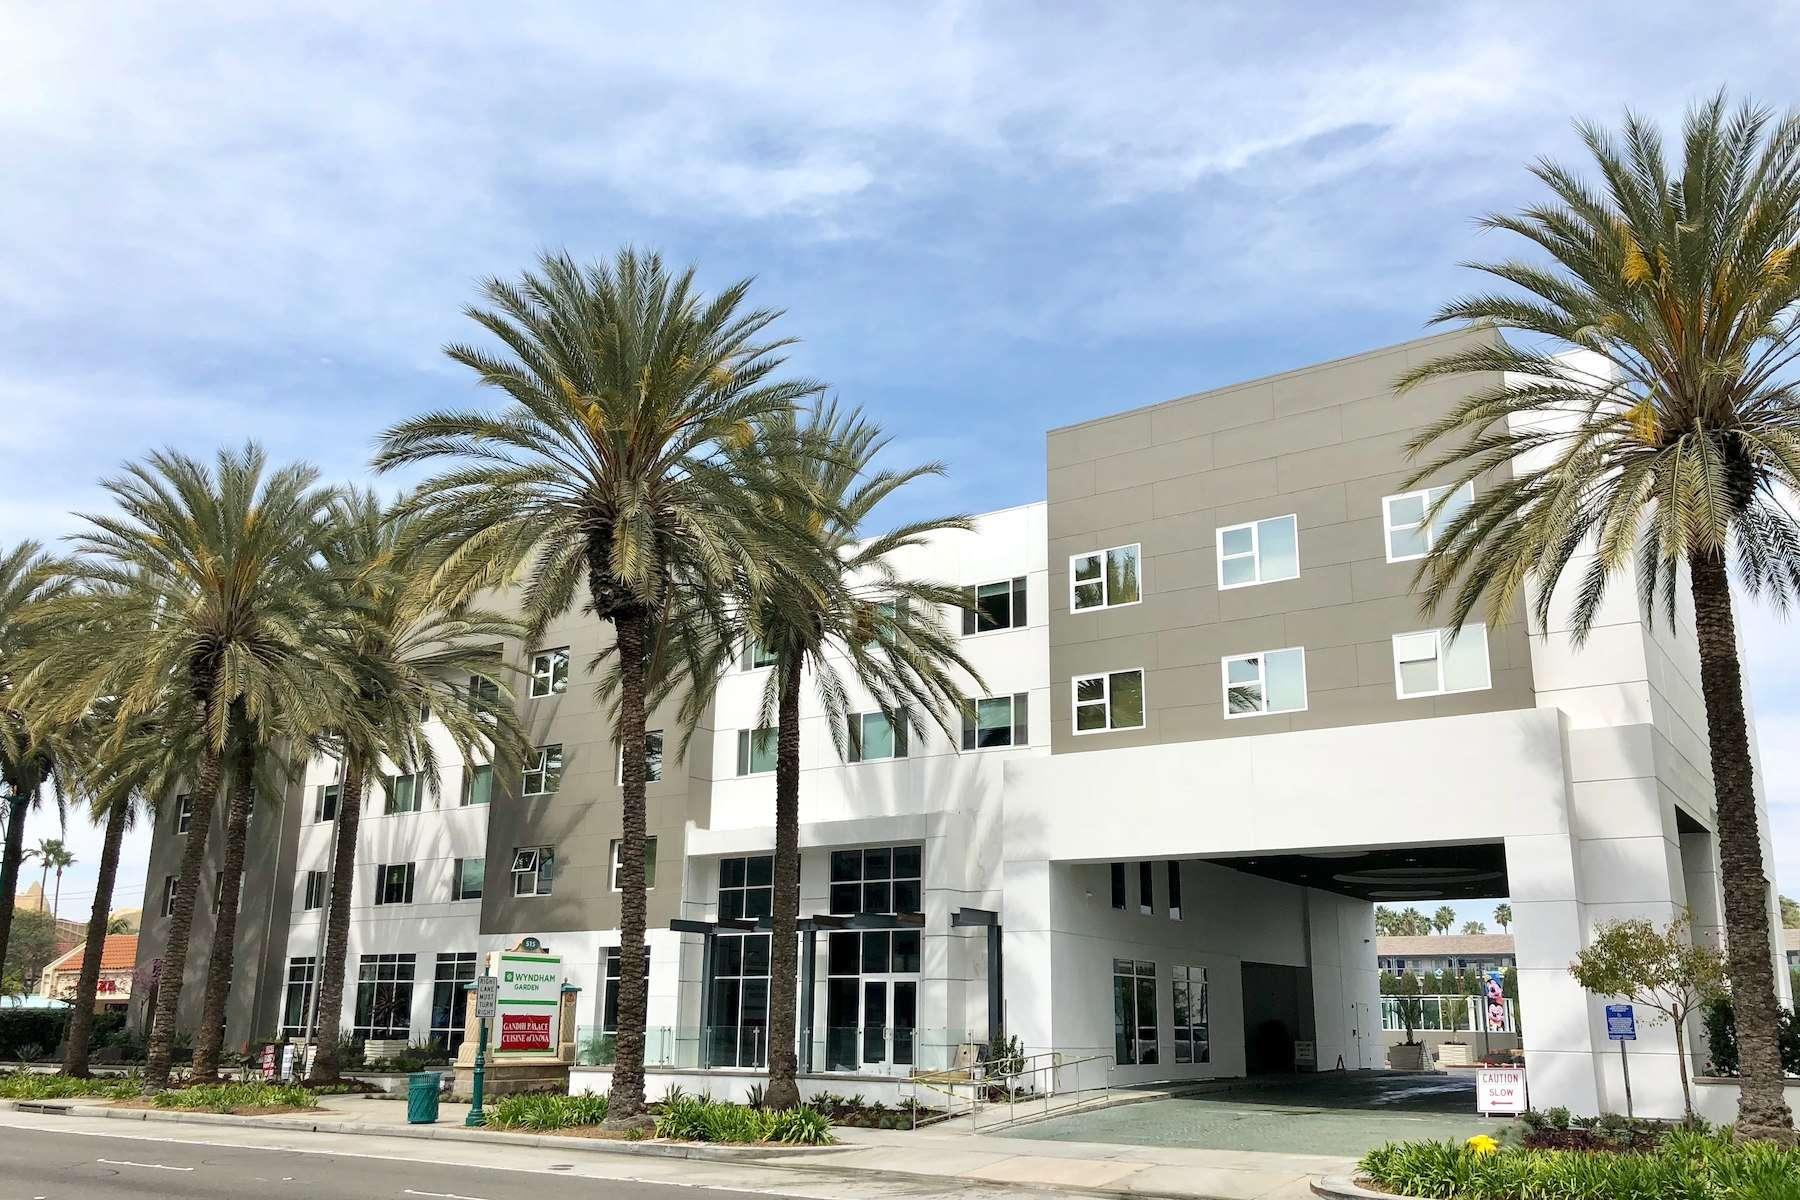 Wyndham Garden Anaheim 515 West Katella Ave. Anaheim, CA 92802